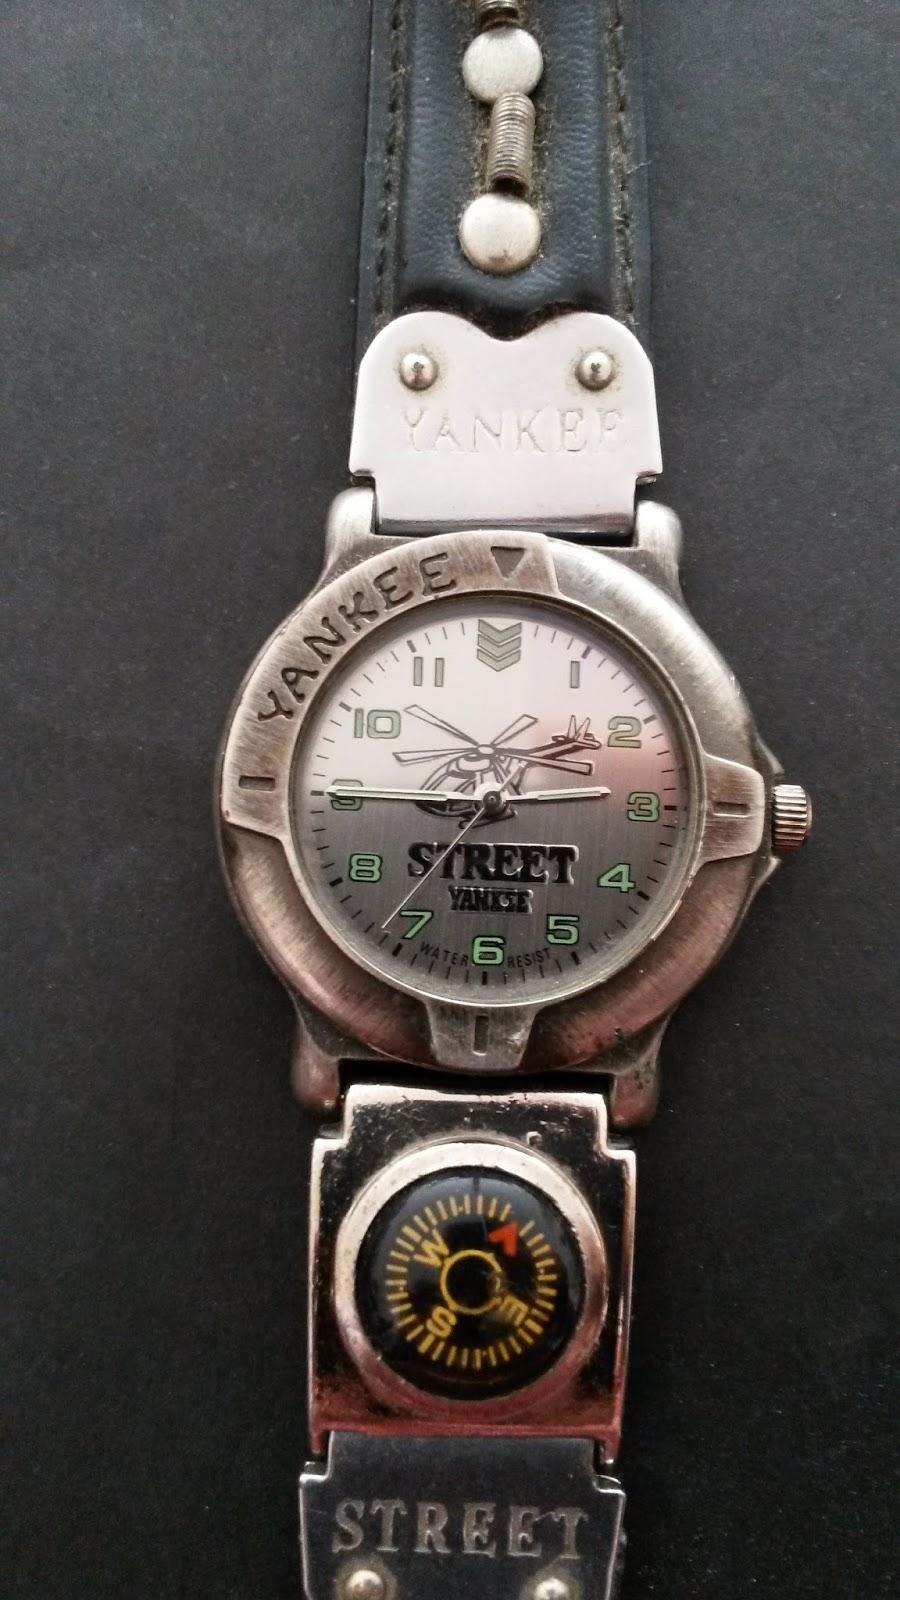 a27248cb3d2 Outro modelo de relógio Yankee Streeet com bussola.